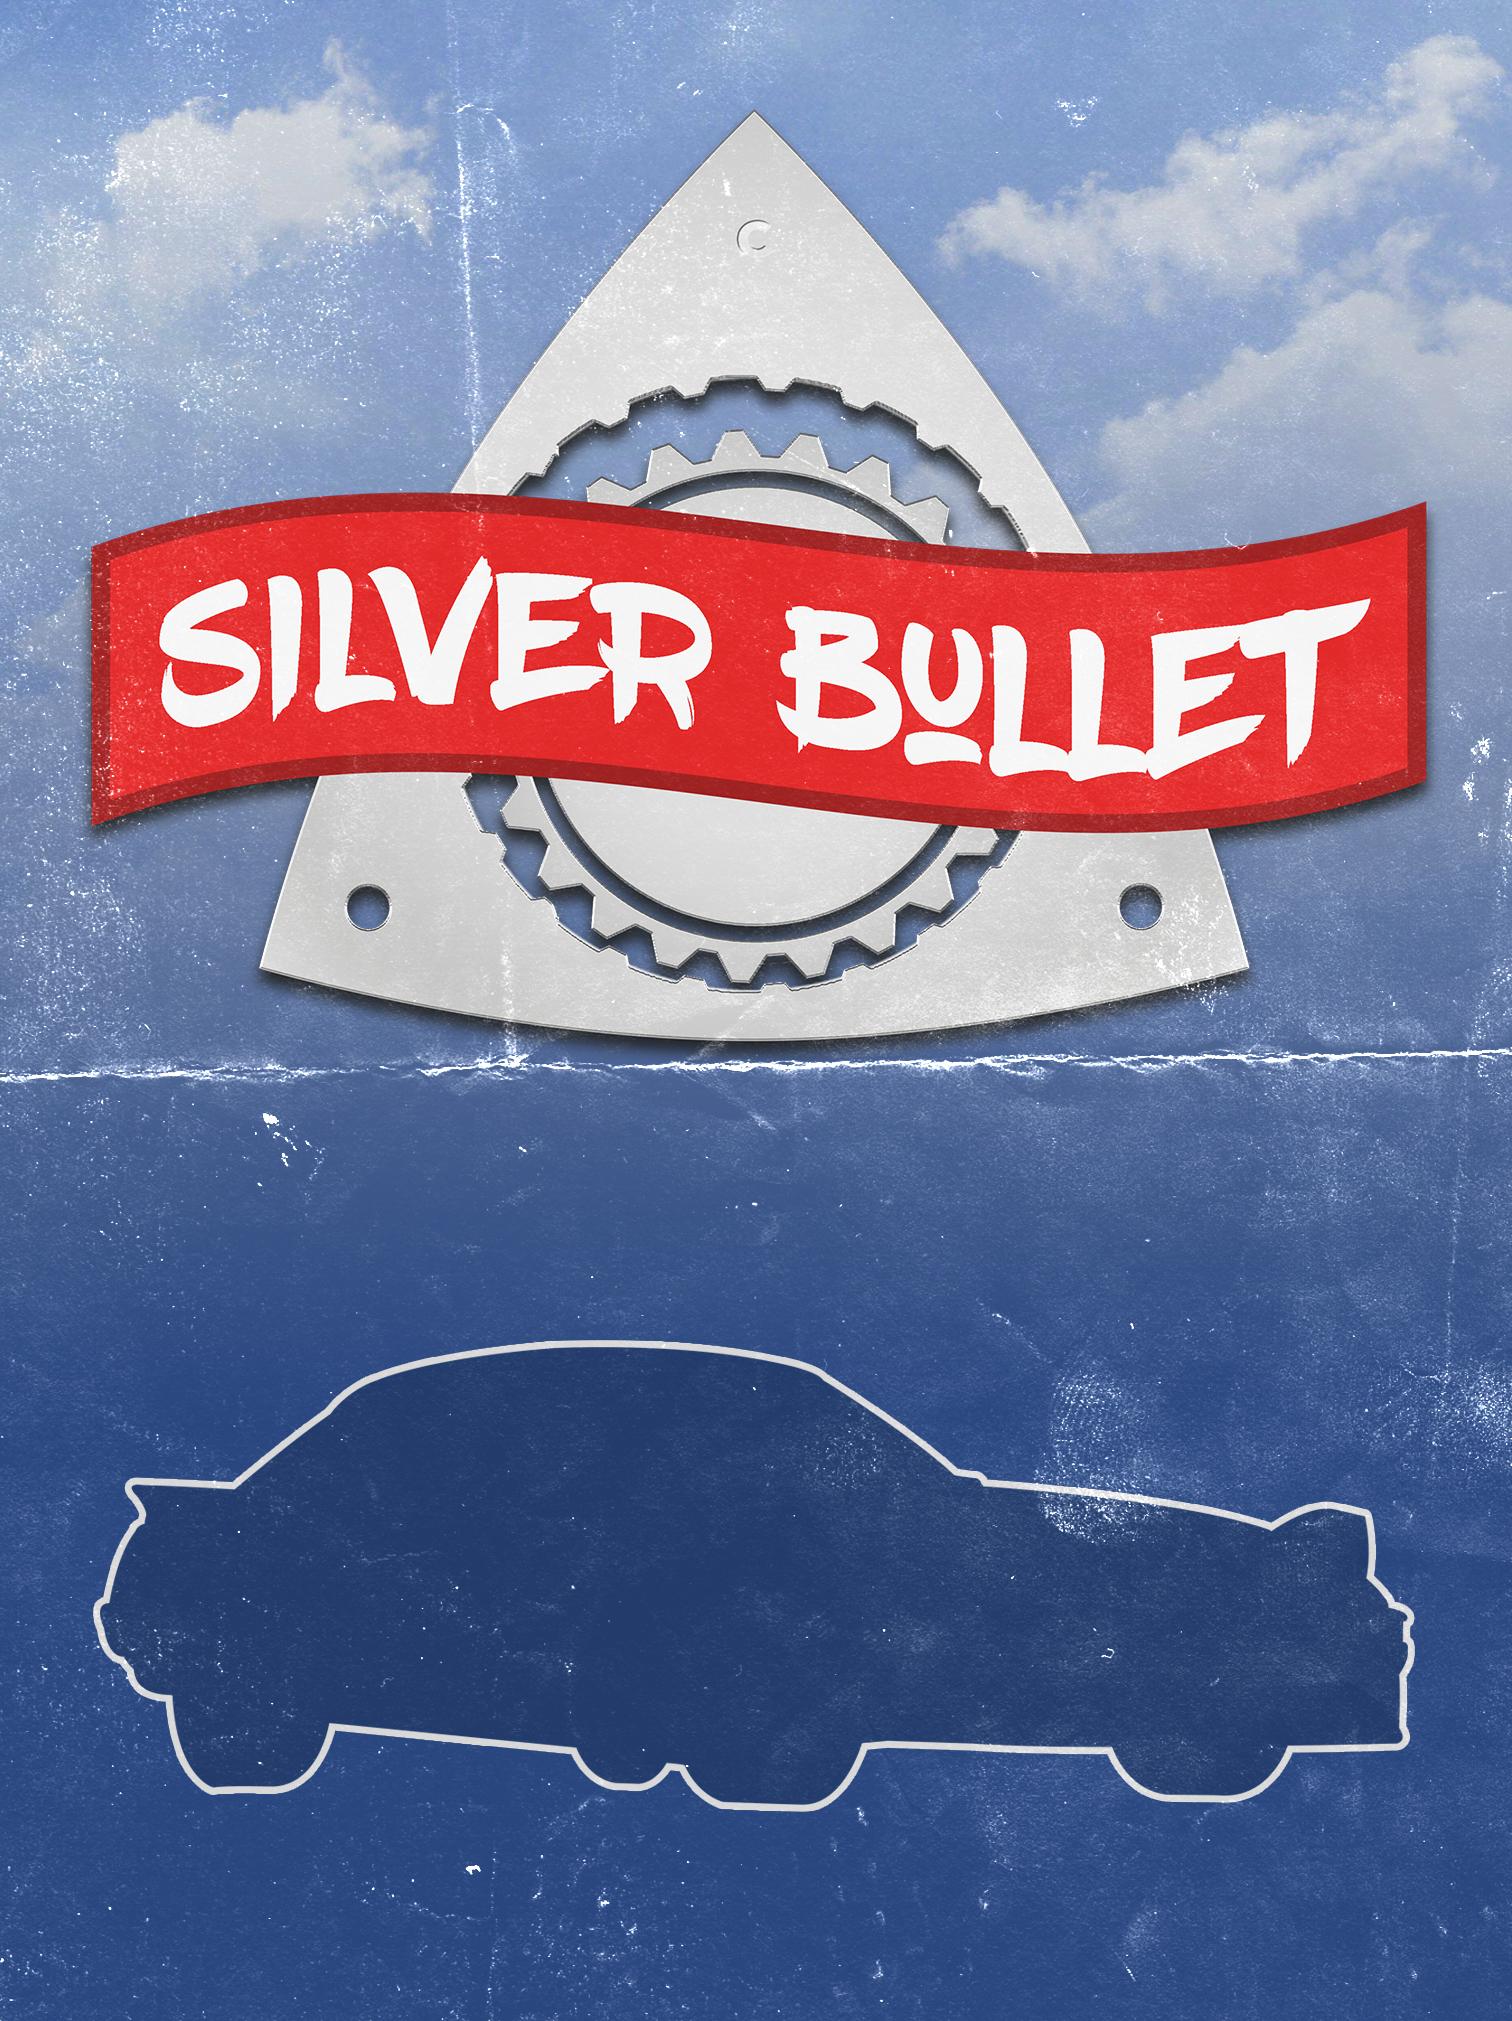 Posters-SilverBullet.jpg